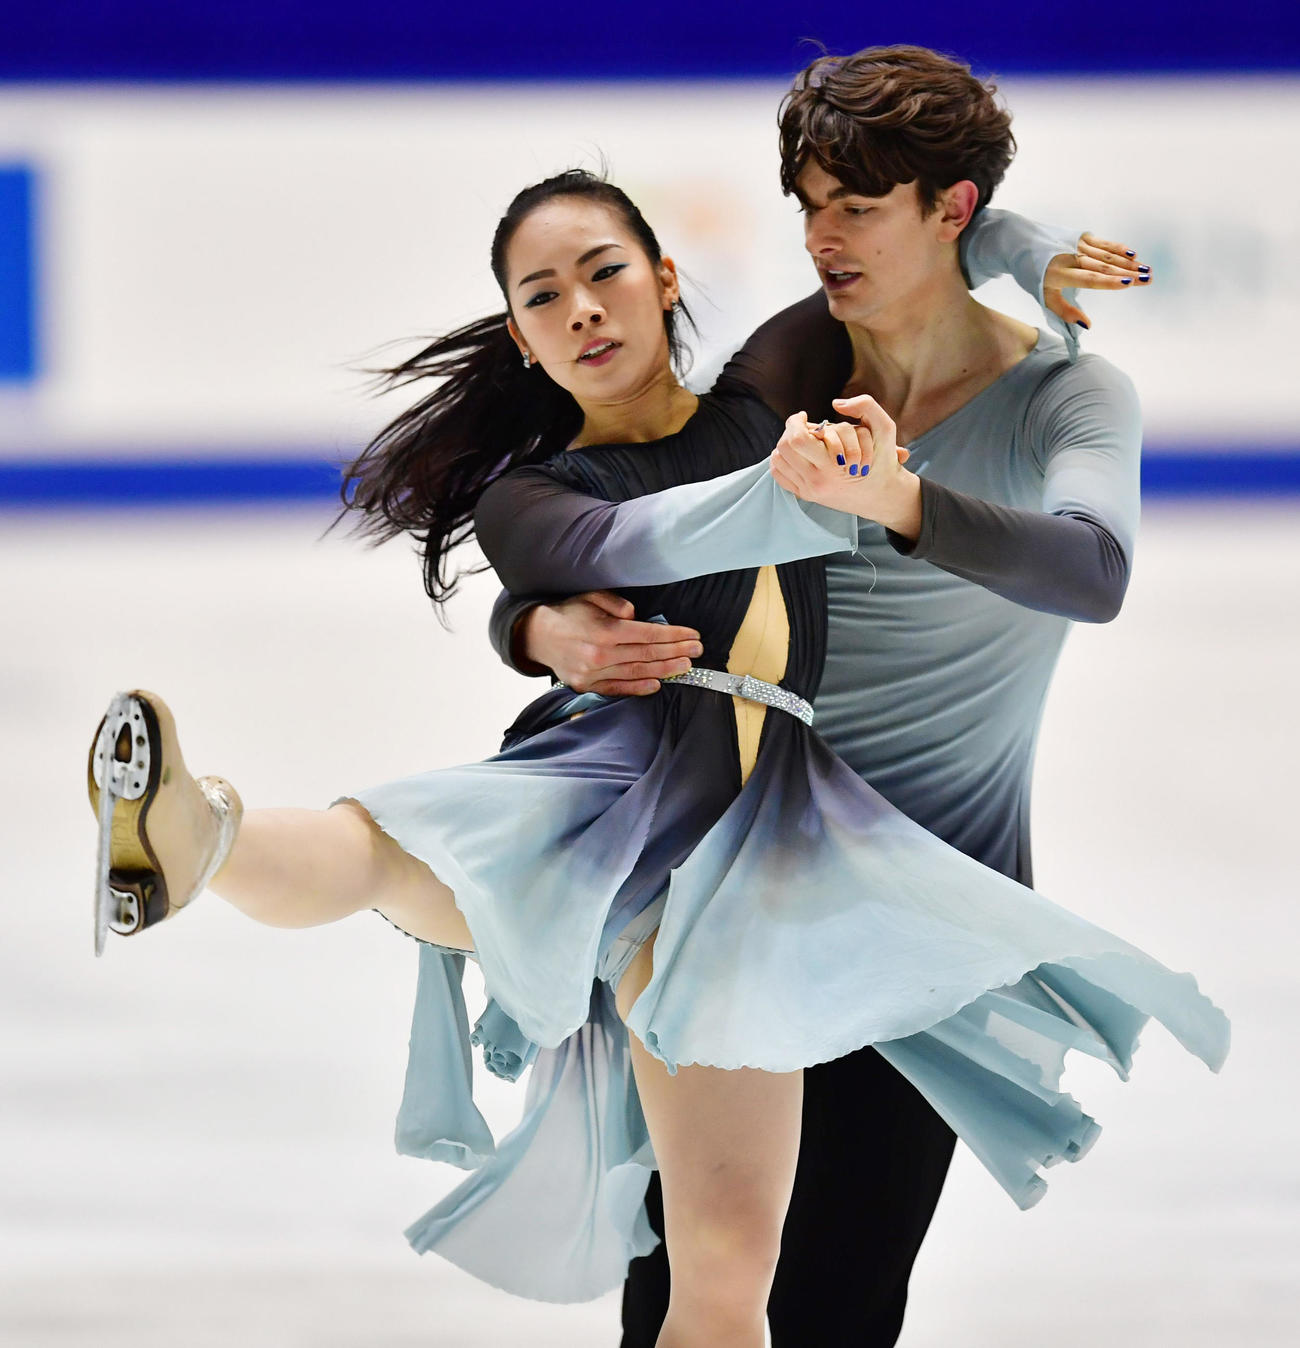 世界選手権アイスダンスでフリーダンスに進出した小松原美里、尊組=2016年12月23日